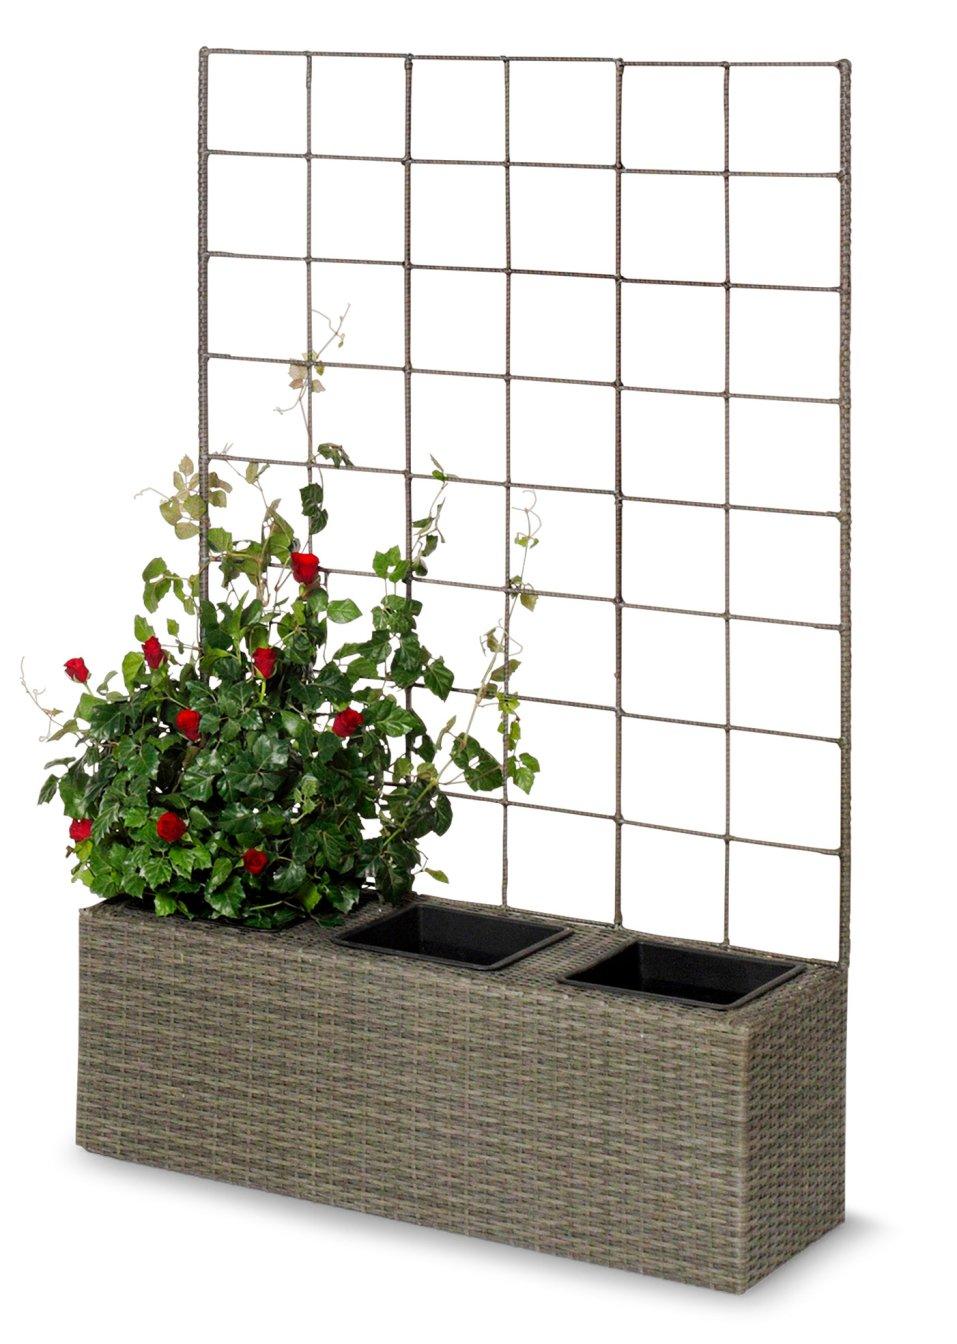 Bac avec treillis fashion designs - Pot de fleur a accrocher ...